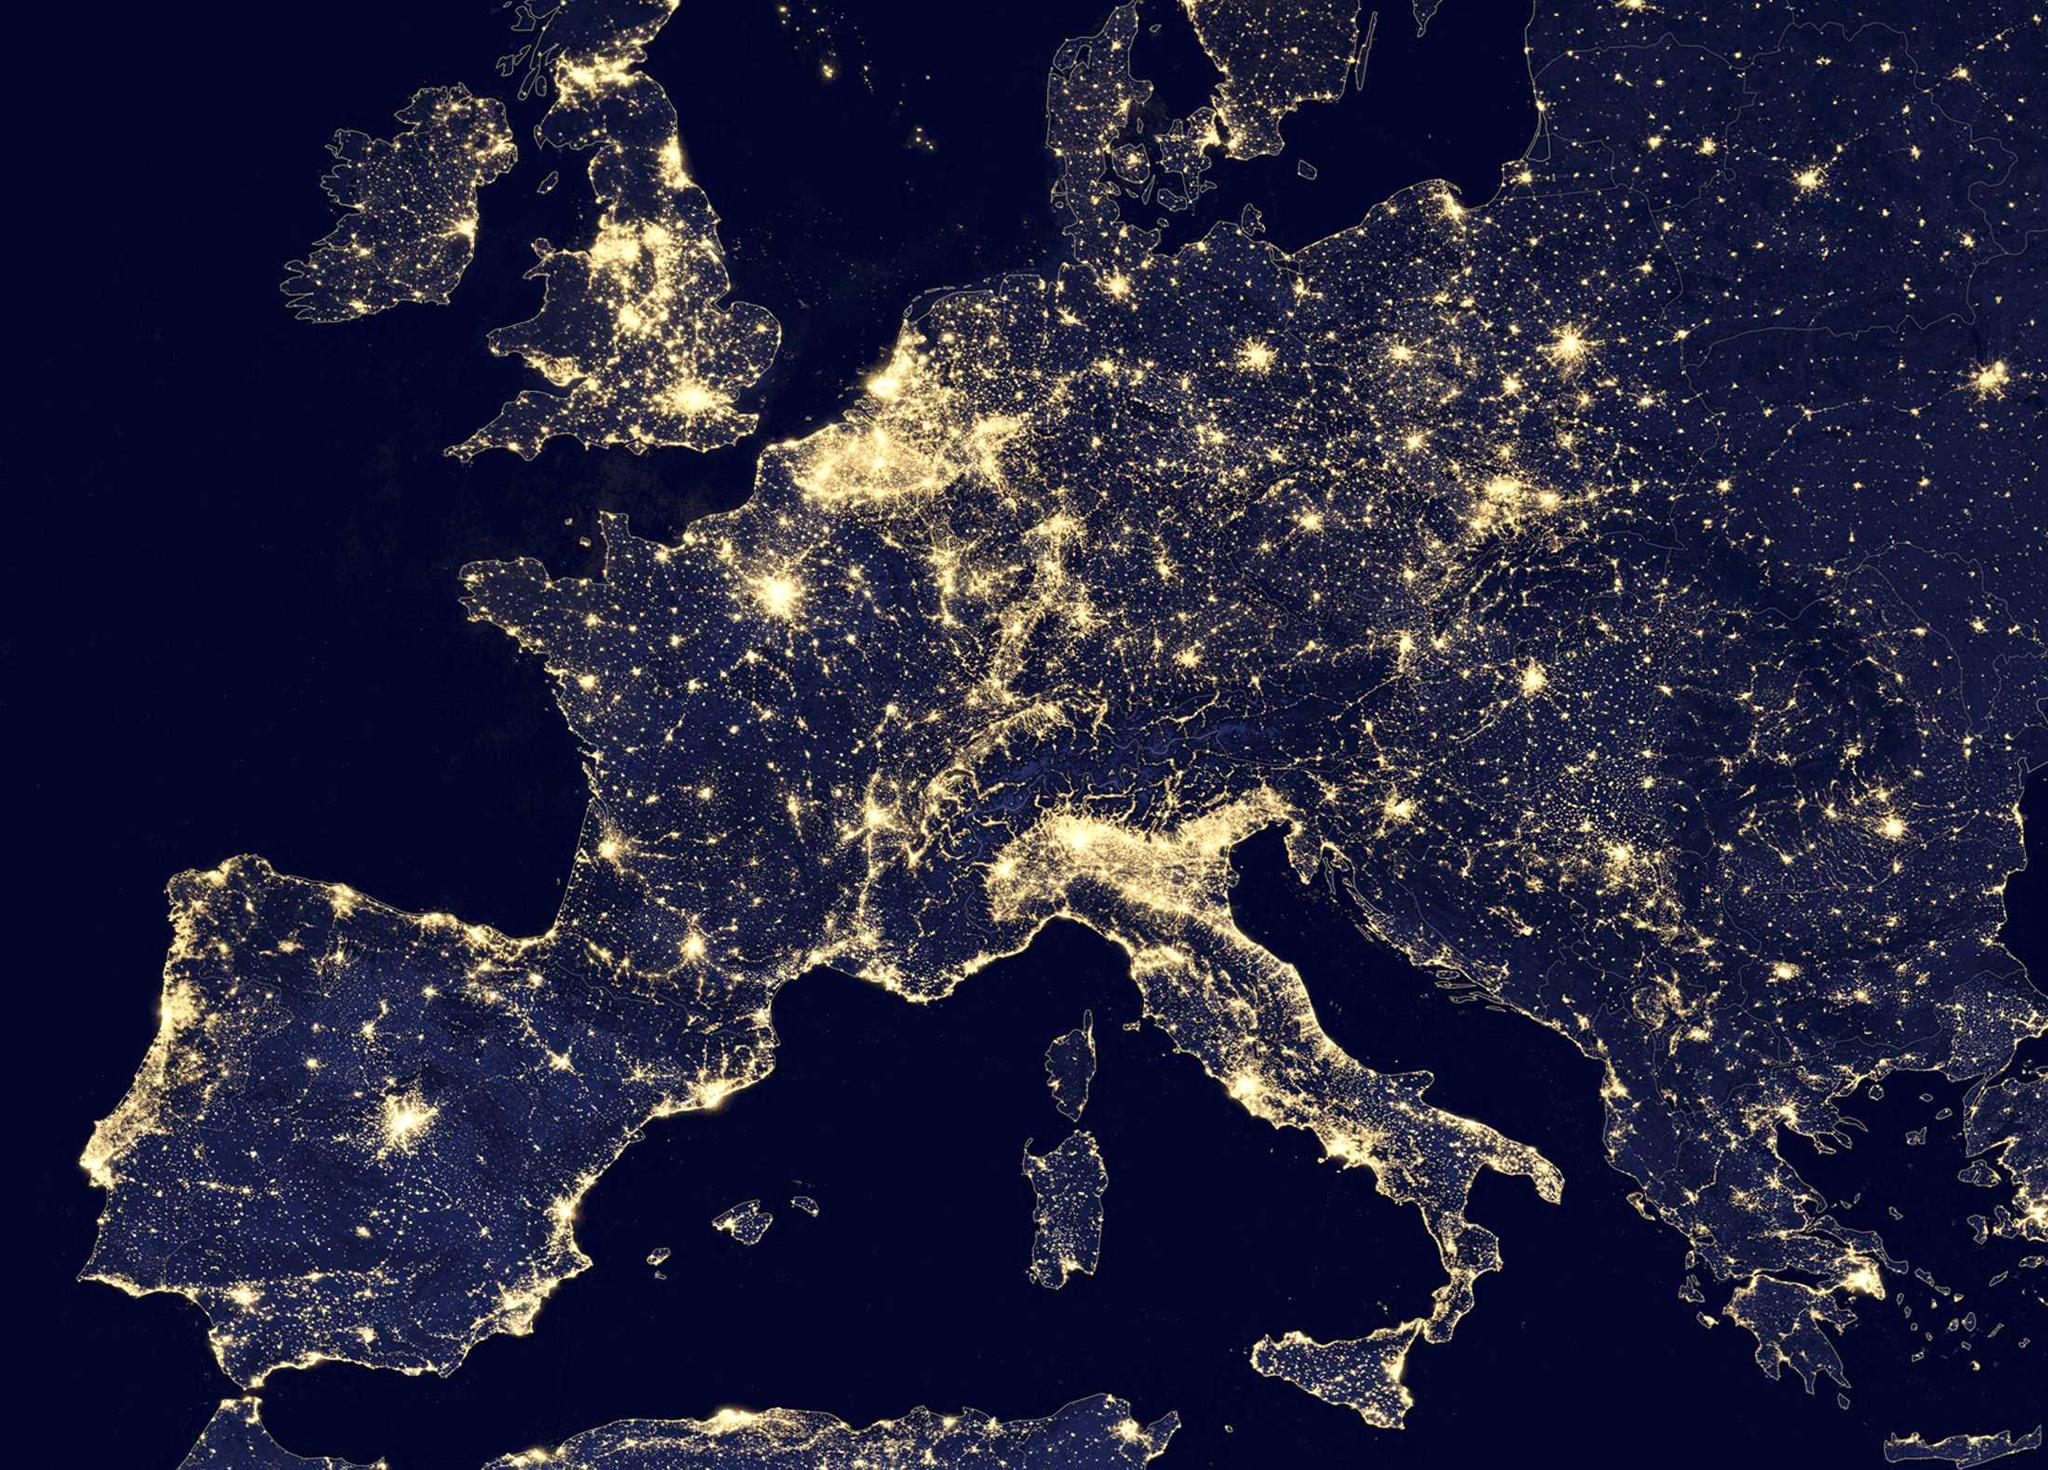 Sunniest side vs. Darkest side of Europe